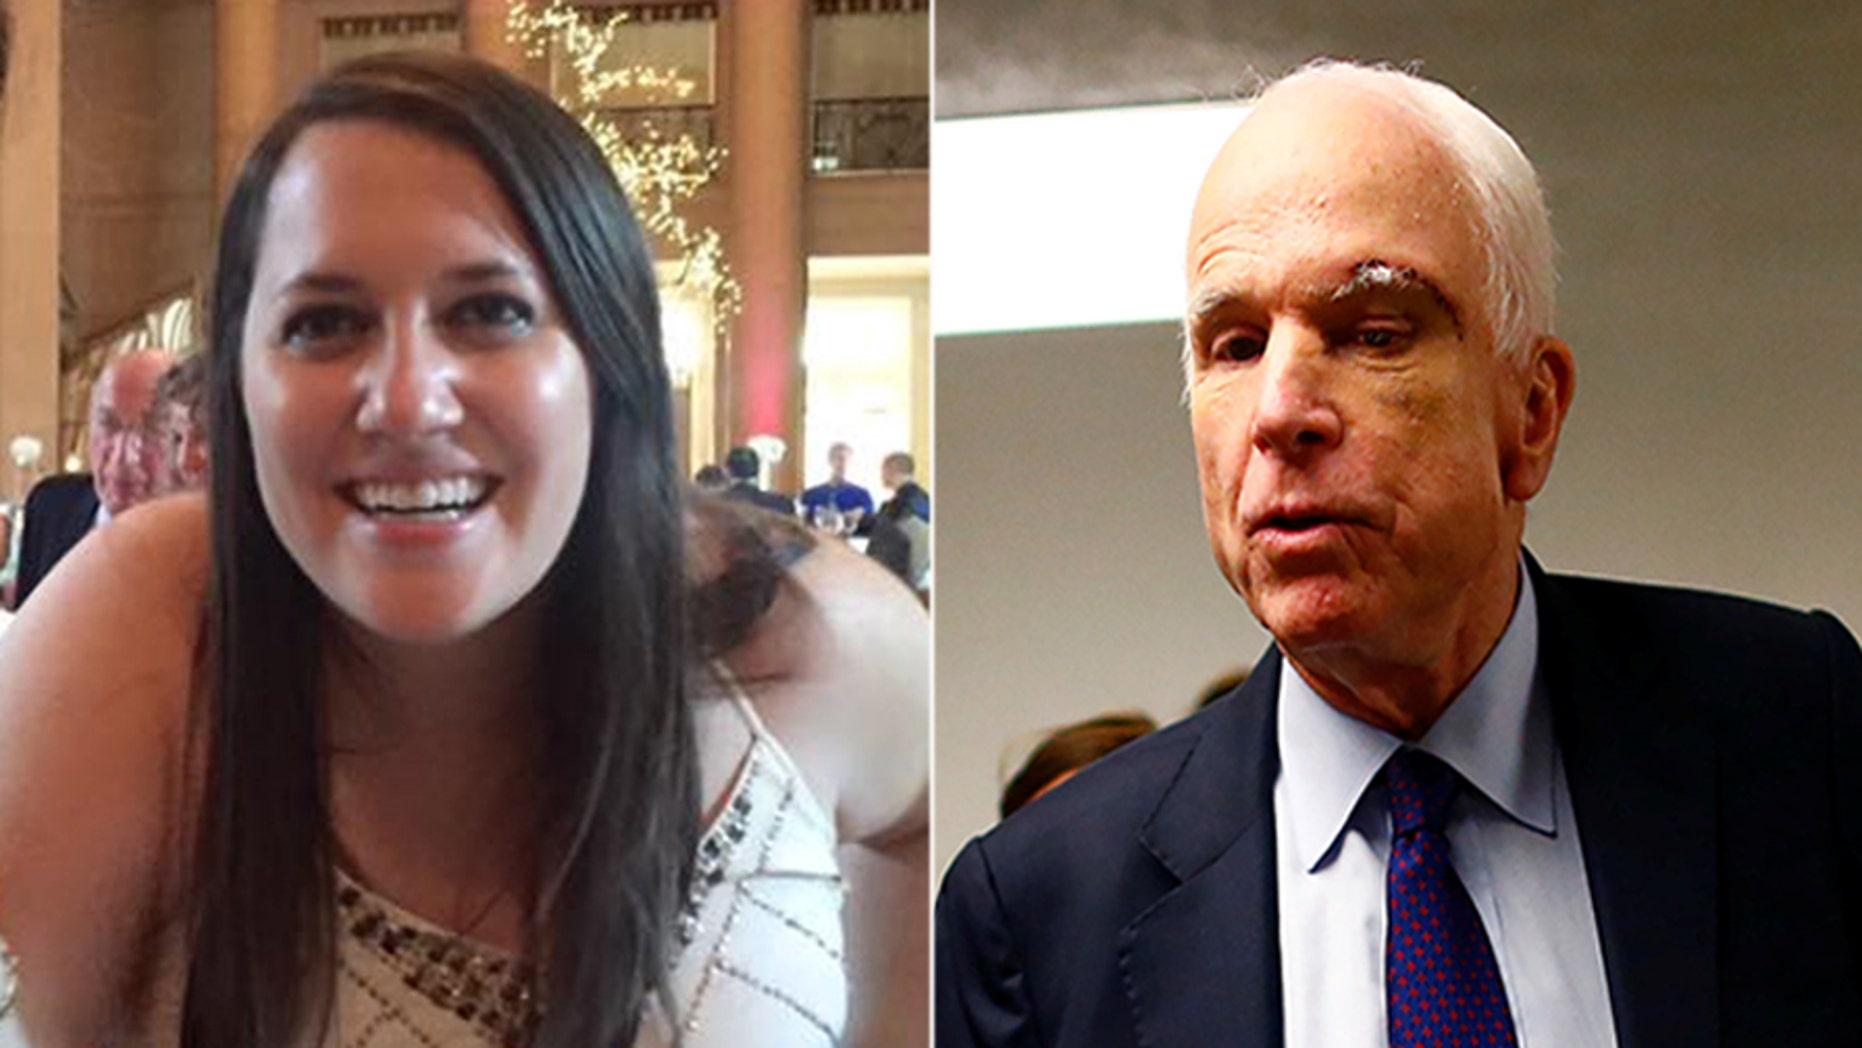 HuffPost senior reporter Ashley Feinberg apologized for her tweet about Senator John McCain.